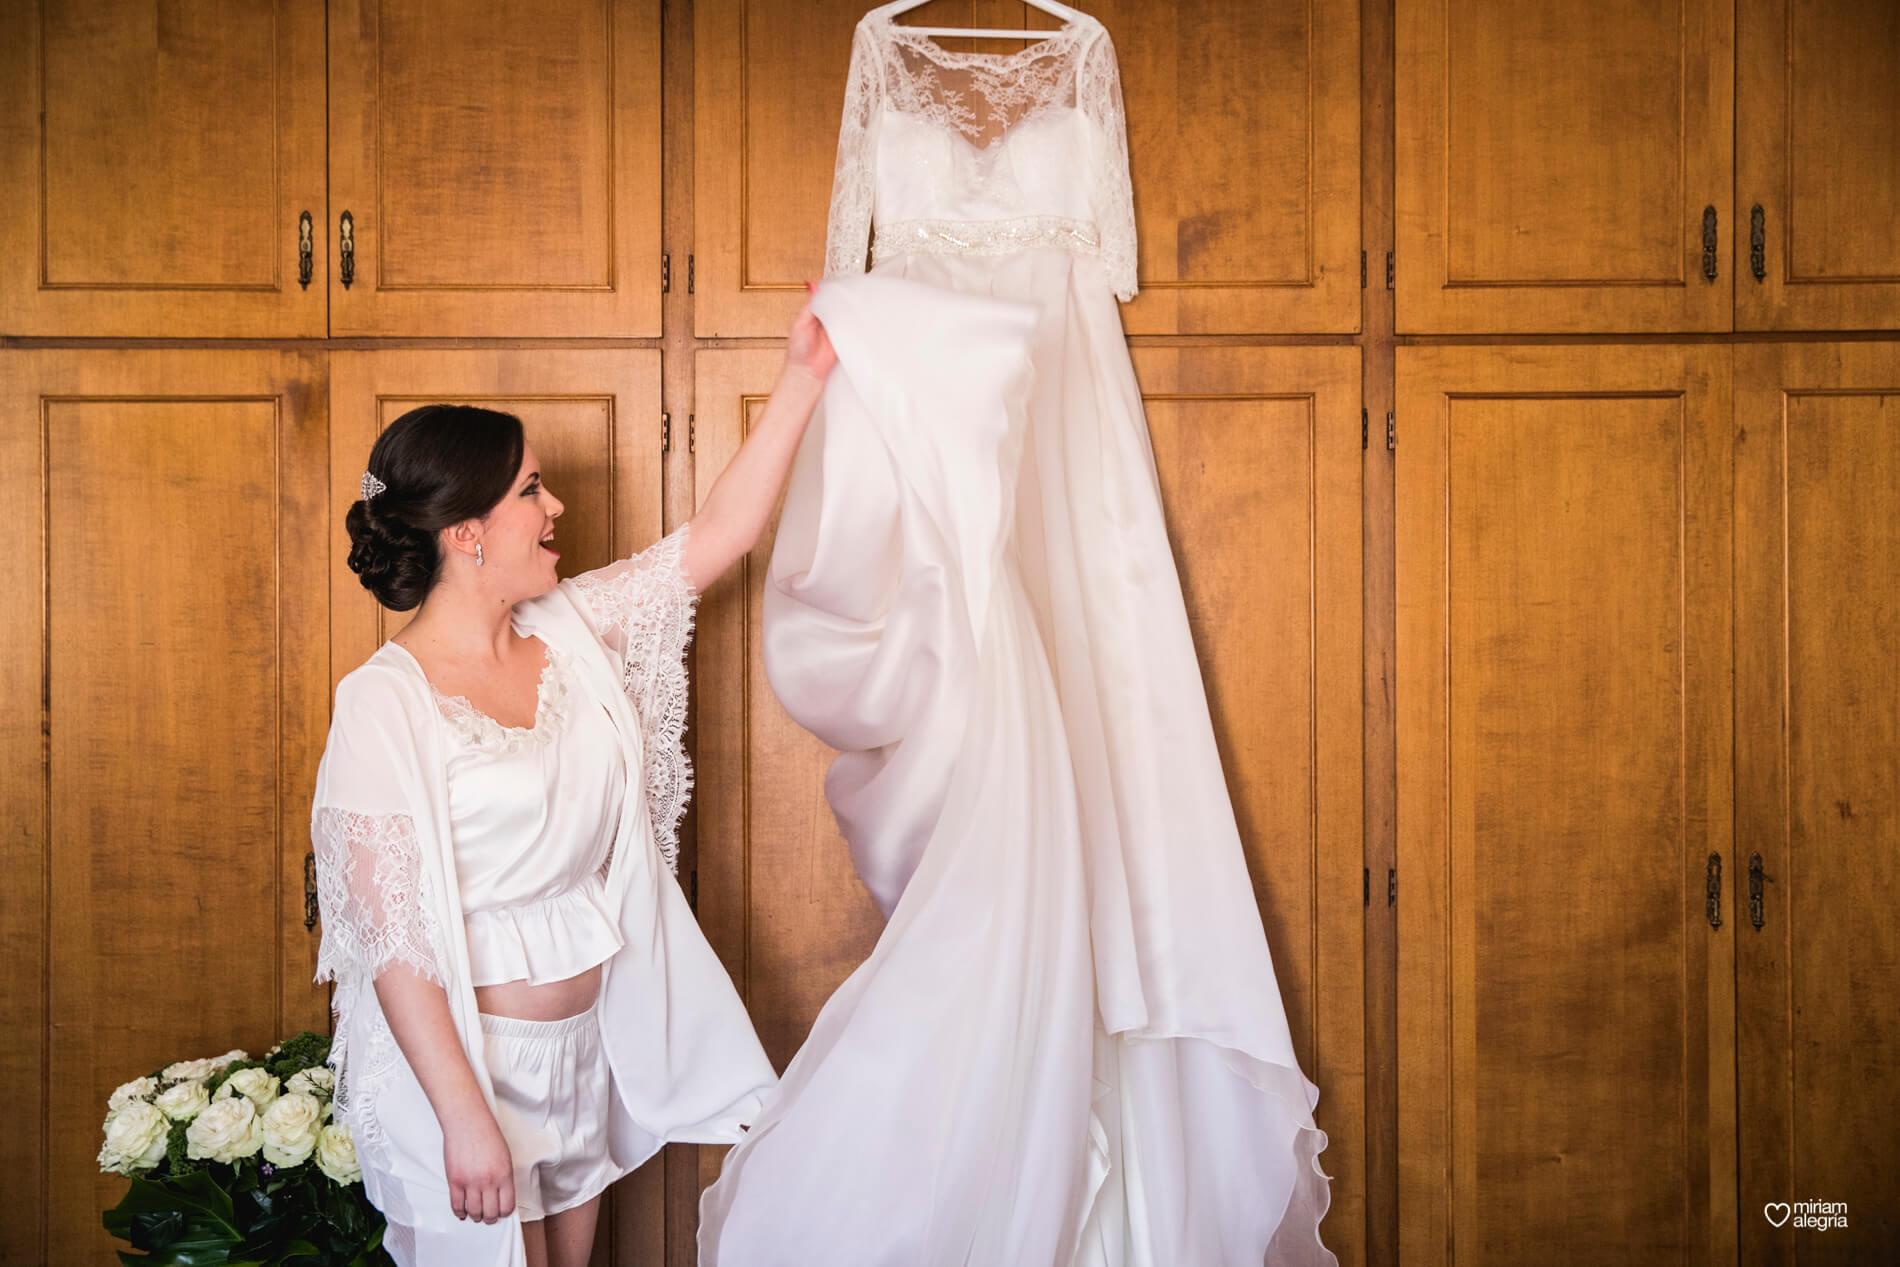 boda-en-el-rincon-huertano-miriam-alegria-fotografos-boda-murcia-15